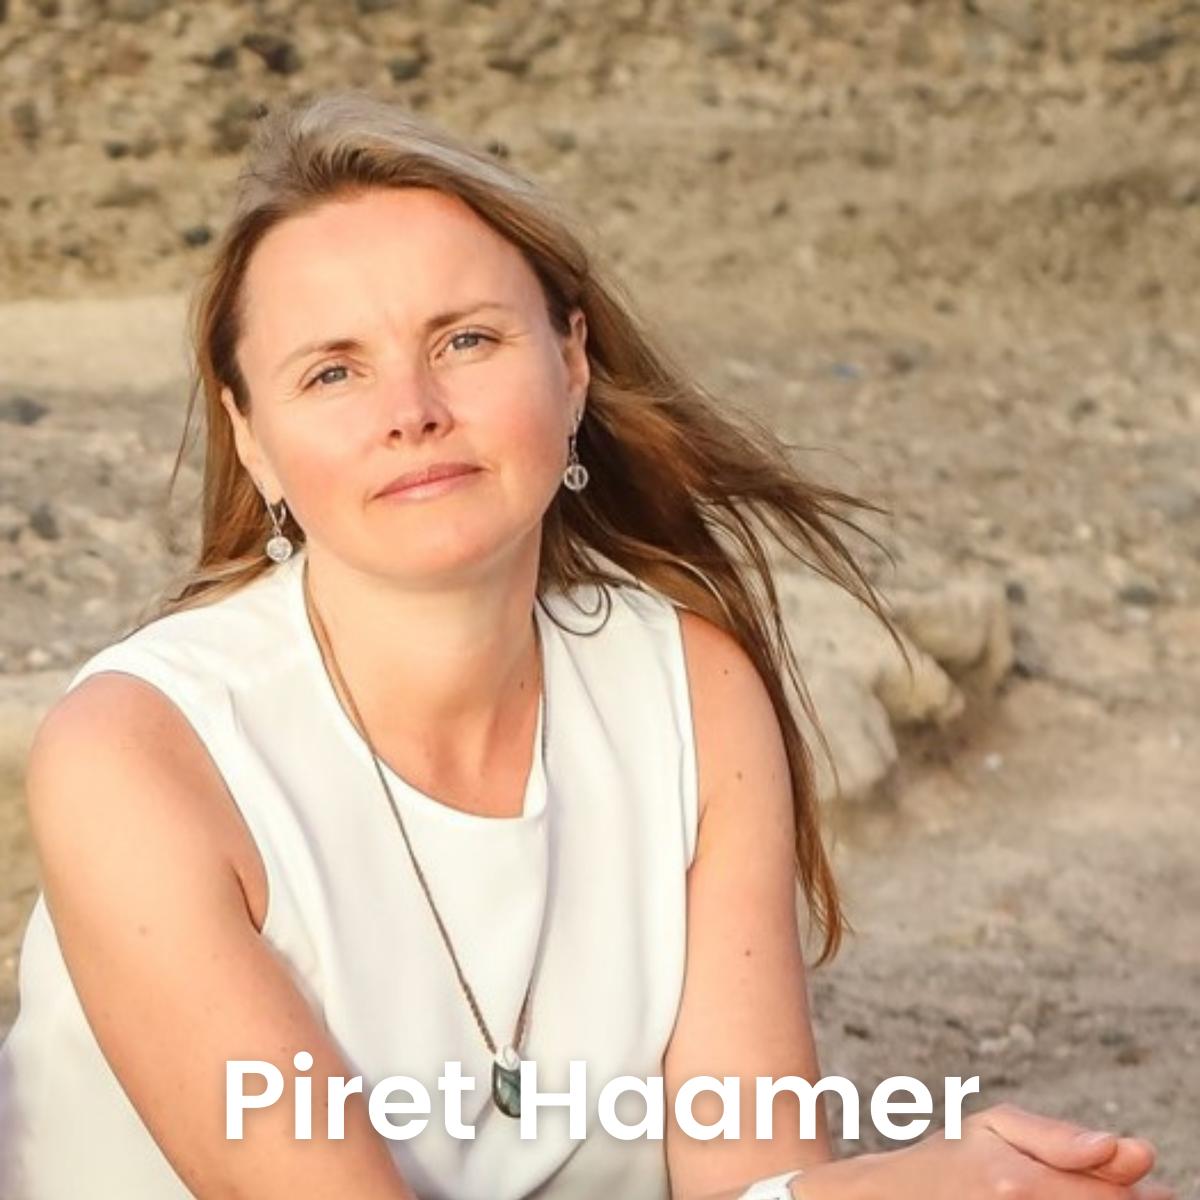 Piret Haamer